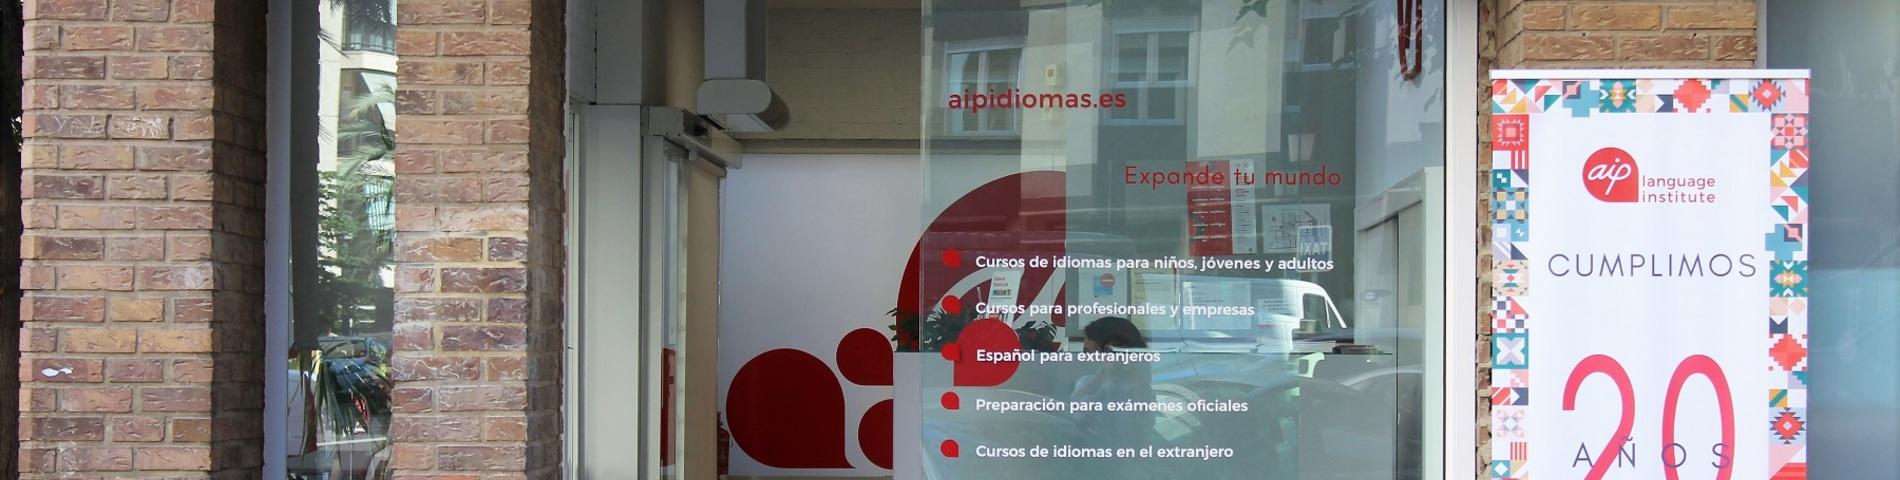 AIP Language Institute bild 1